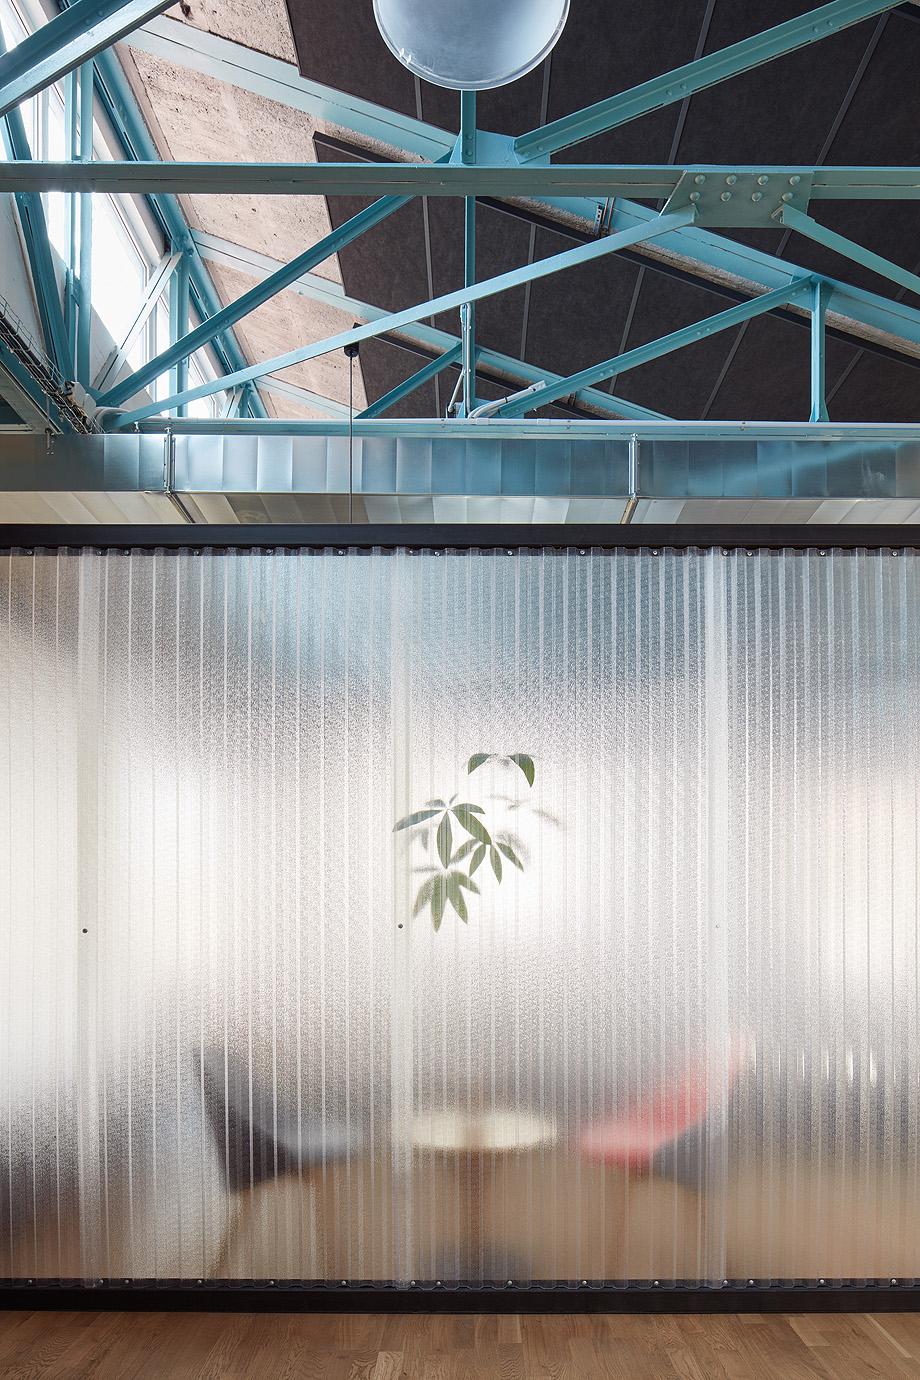 oficinas sinnerschrader por kurz architects - foto boysplaynice (24)